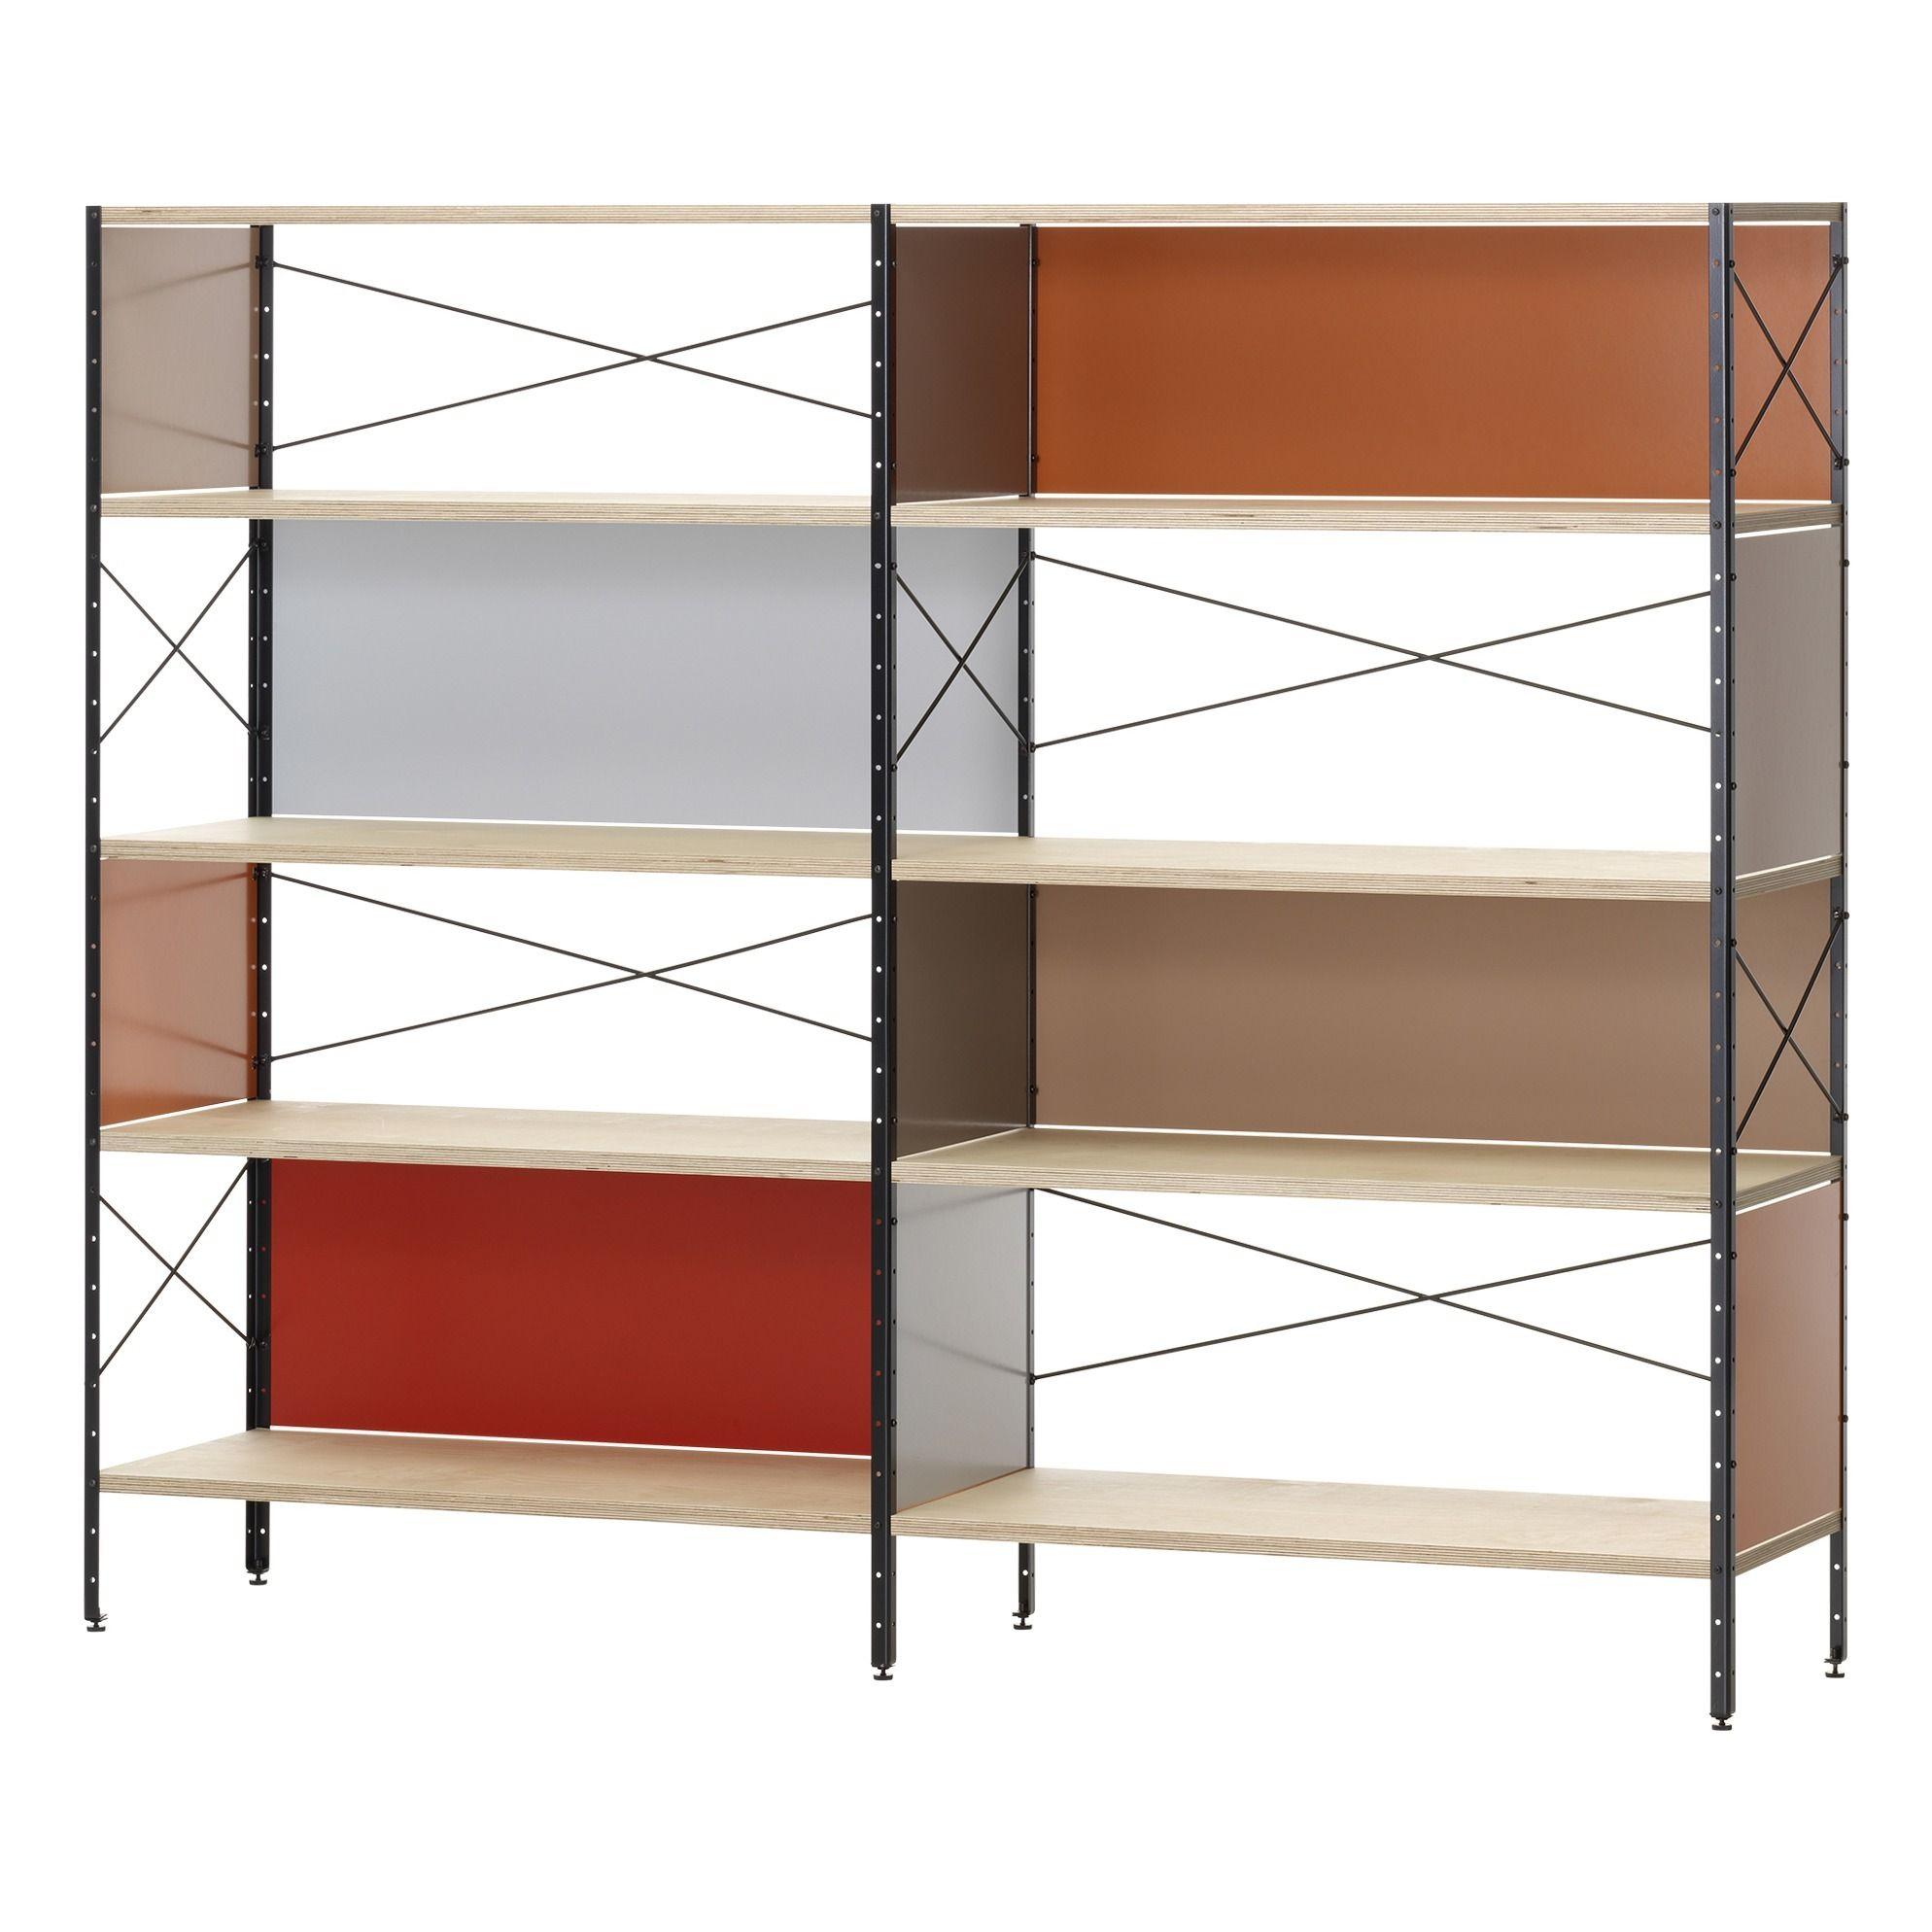 Eames Storage Unit ESU, Shelf 4 Shelves Charles & Ray